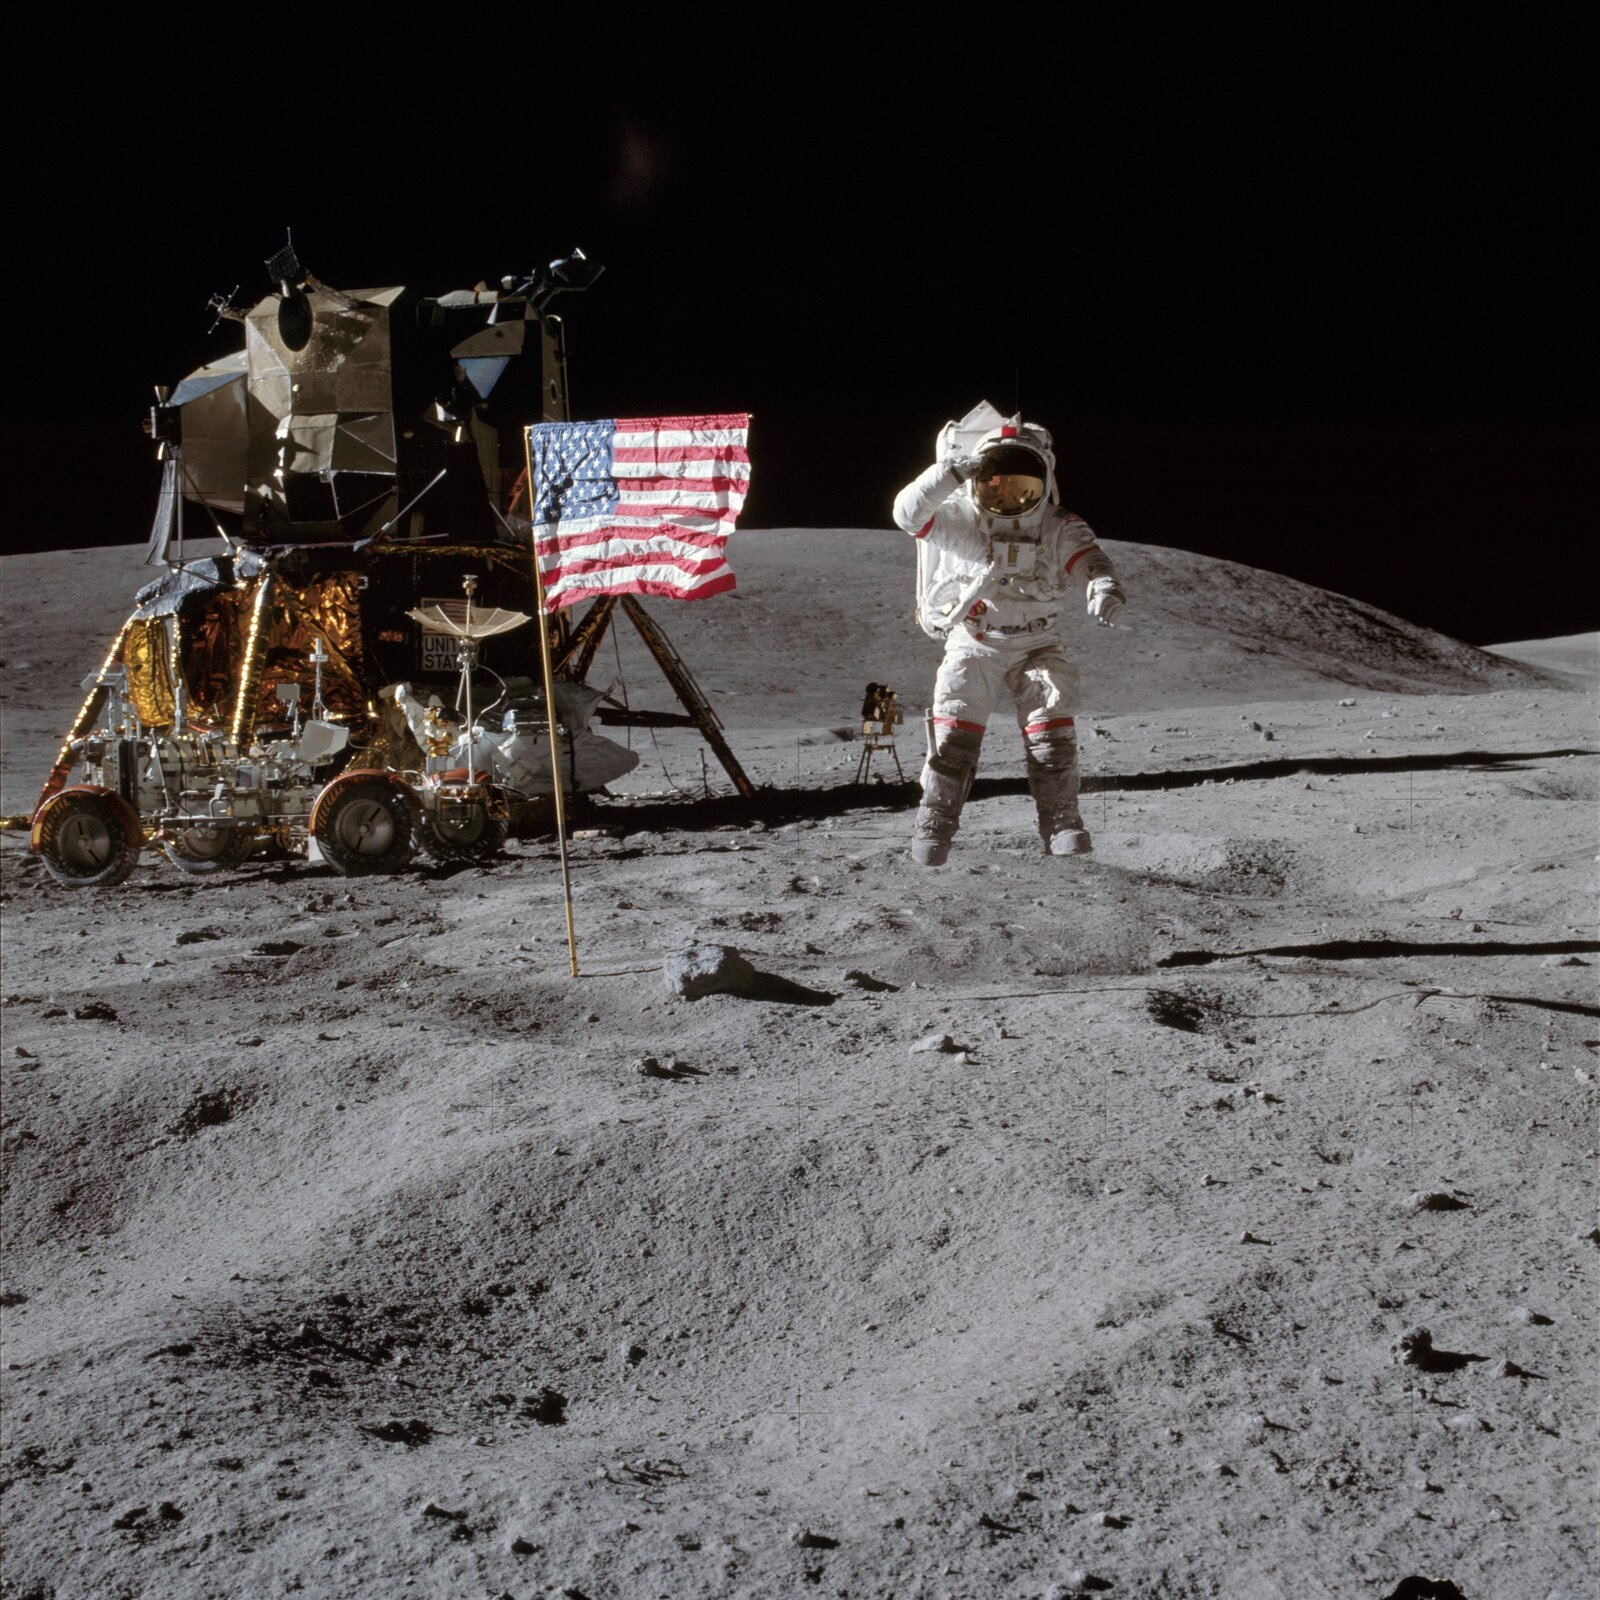 Zdjęcie przedstawia astronautę na Księżycu. Powierzchnia Księżyca szara, piaszczysta. To czarne. Po środku widoczny astronauta wskafandrze. Po lewej stronie wbito amerykańską flagę. Astronauta stoi na wprost osoby, która wykonała zdjęcie. Astronauta stoi wrozkroku, podnosi prawą rękę idotyka skafandra na głowie.